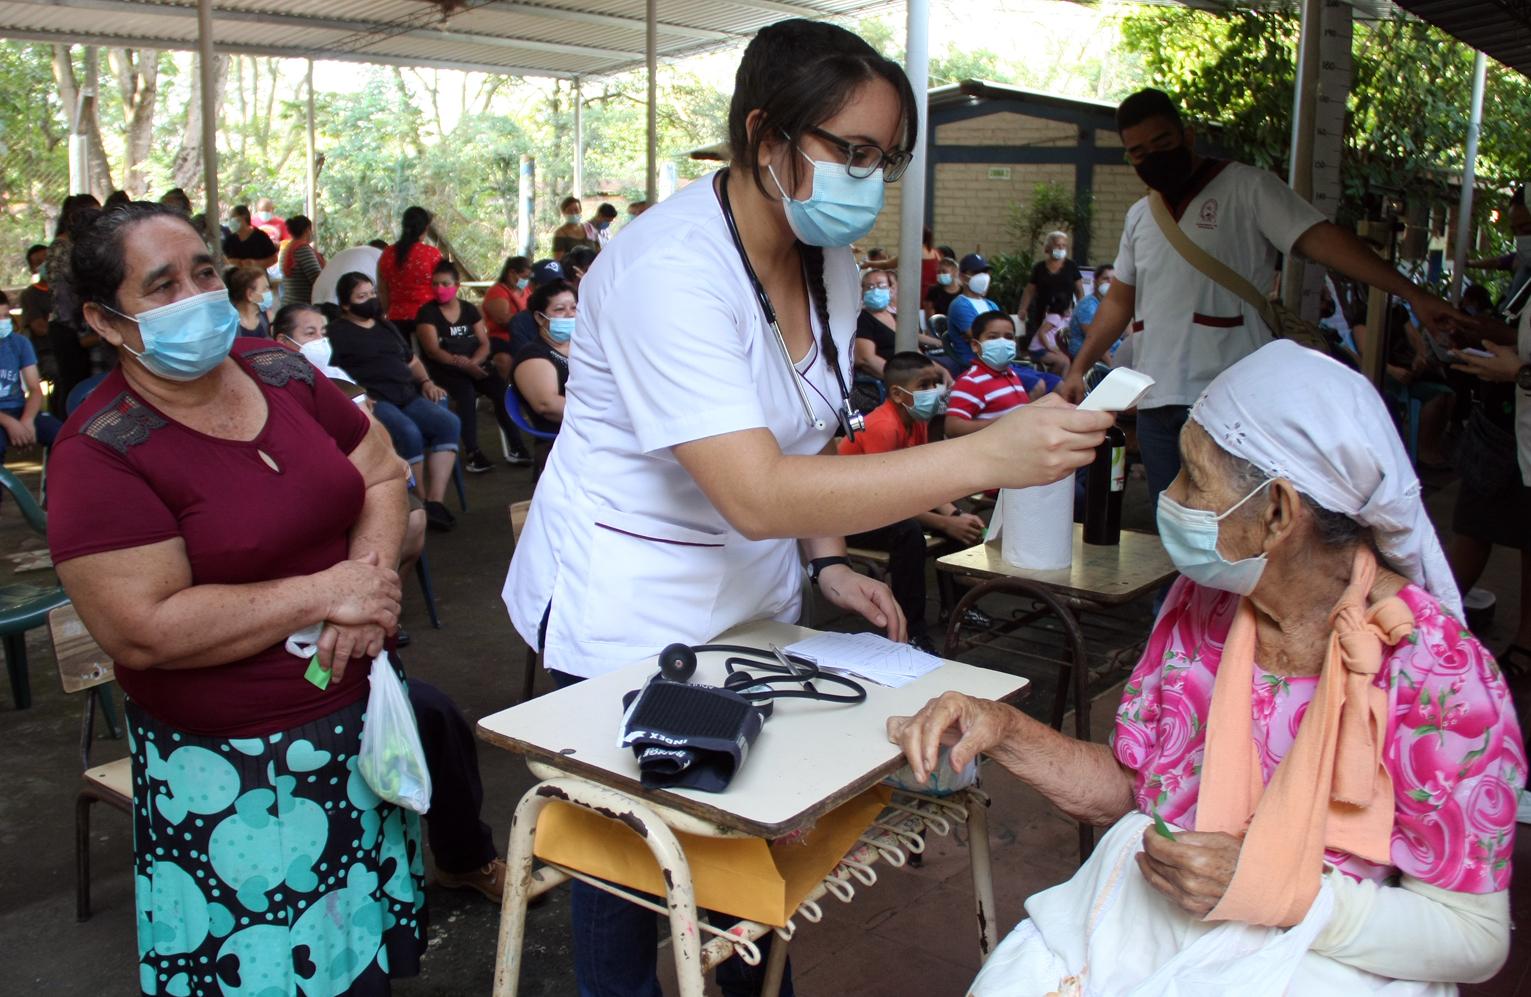 Franklin Méndez, coordinador de proyección Social de dicha facultad, dijo que esta es la Quinta Jornada de Salud Integral del año, que hacen como Universidad de El Salvador. Siempre se hacen en conjunto a los líderes de cada comunidad, para que todos salgan beneficiados.